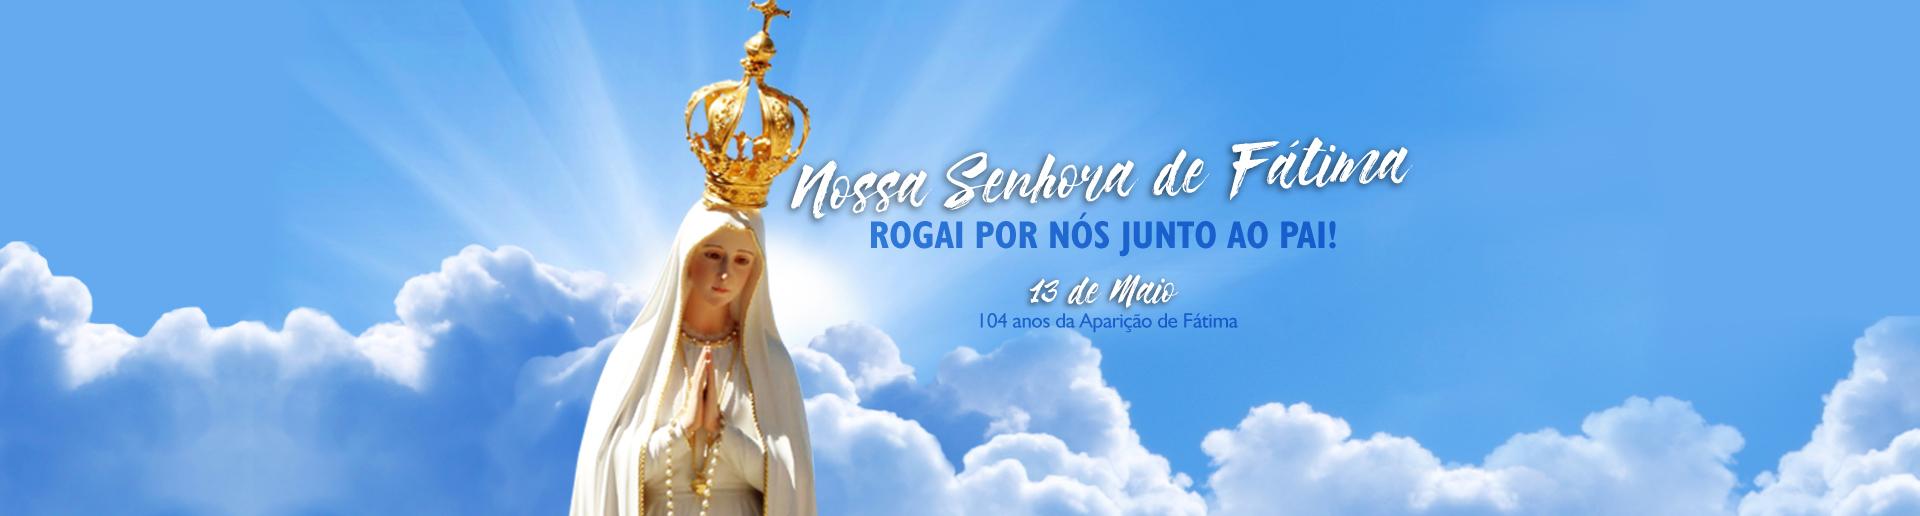 LS-N-Sra-de-Fátima-2021-1920x516px